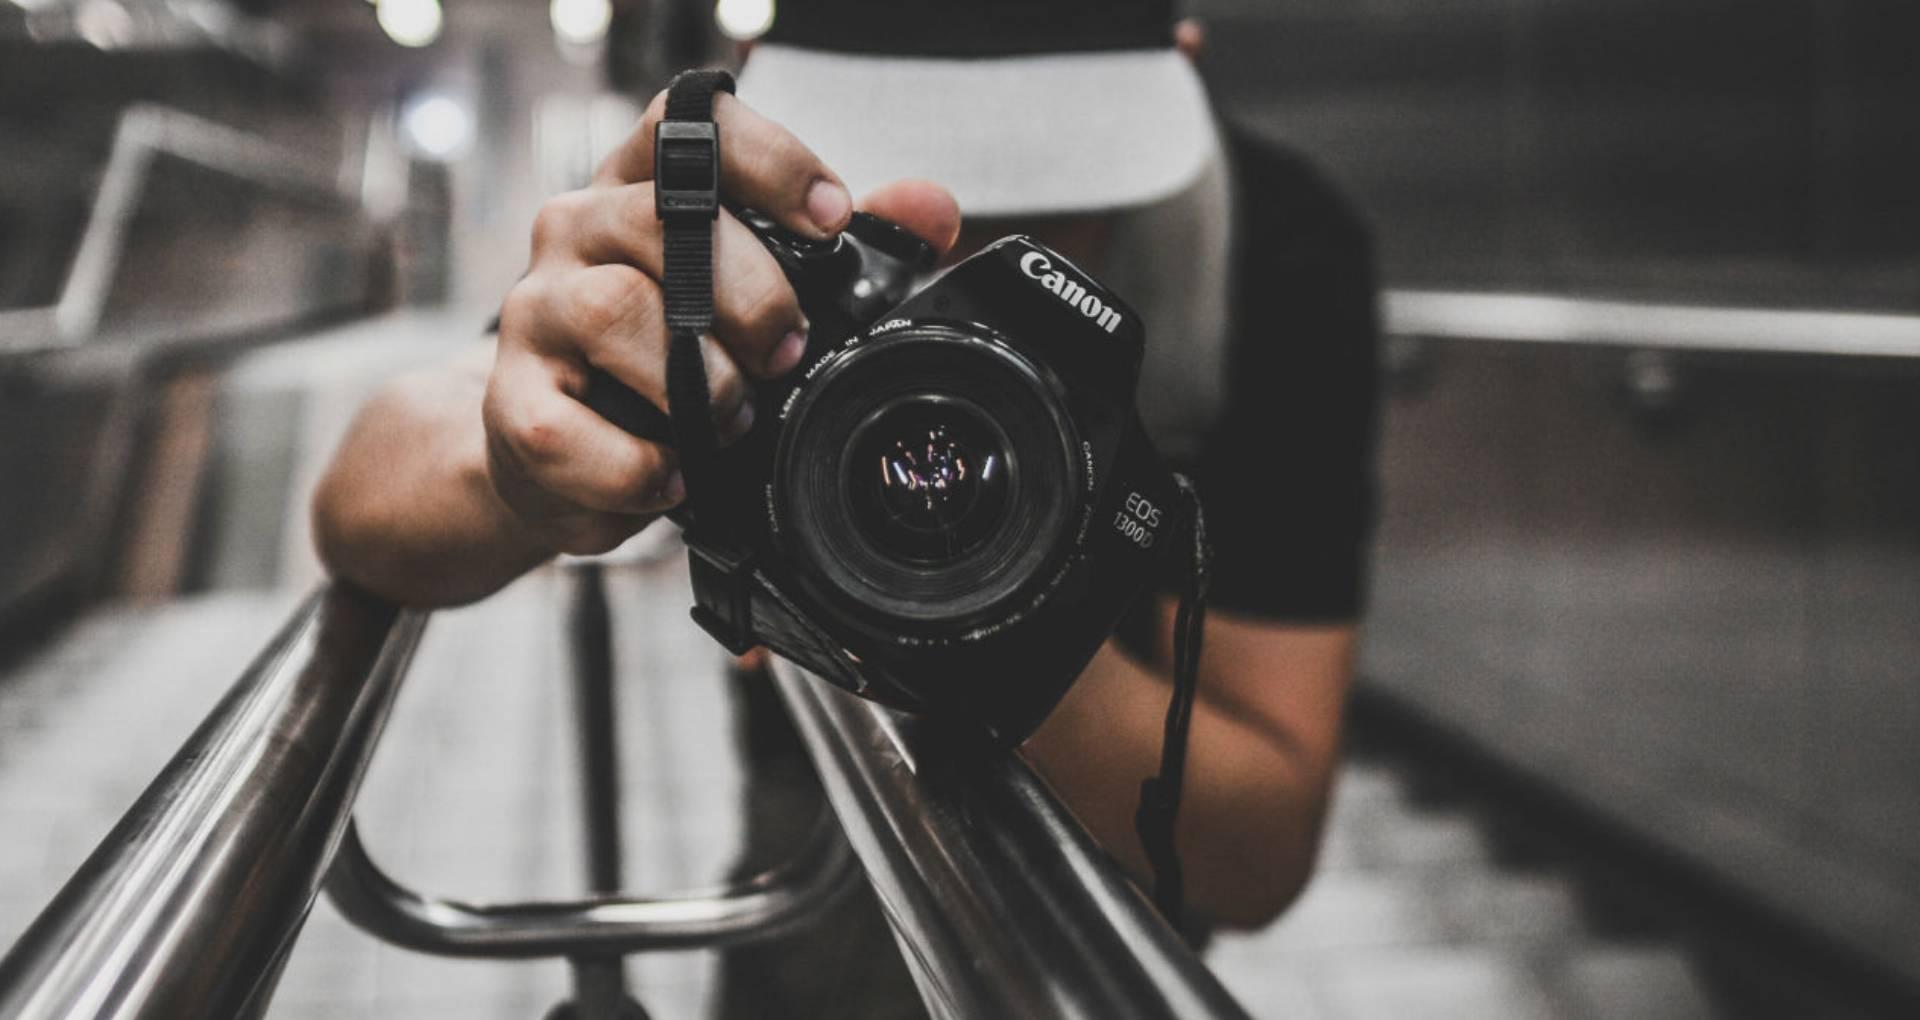 World Photography Day: 30 हजार के अंदर खरीद सकते हैं ये टॉप 5 स्मार्टफोन, जिनका कैमरा है दमदार